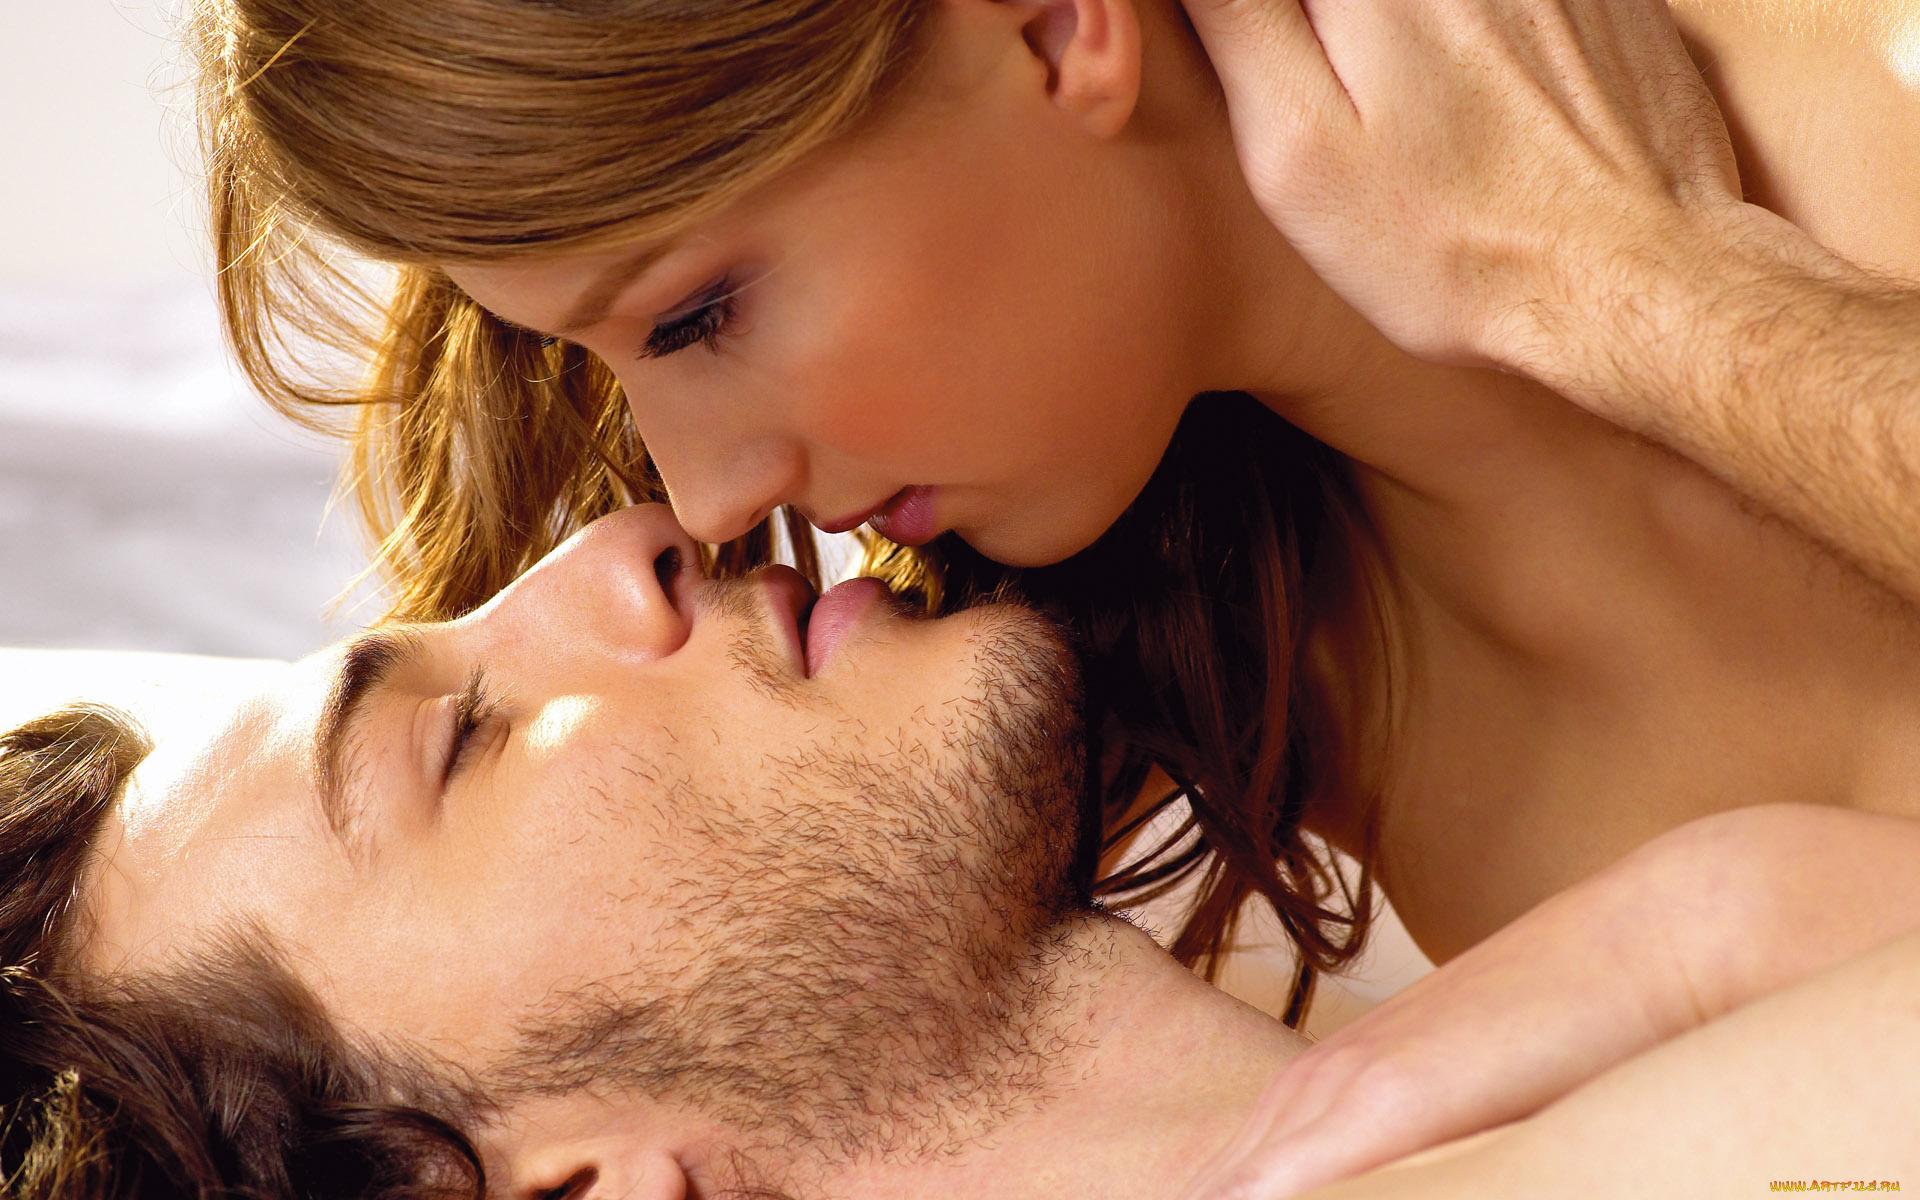 Сексна первом свидании, Секс на первом свидании -видео. Смотреть Секс 19 фотография